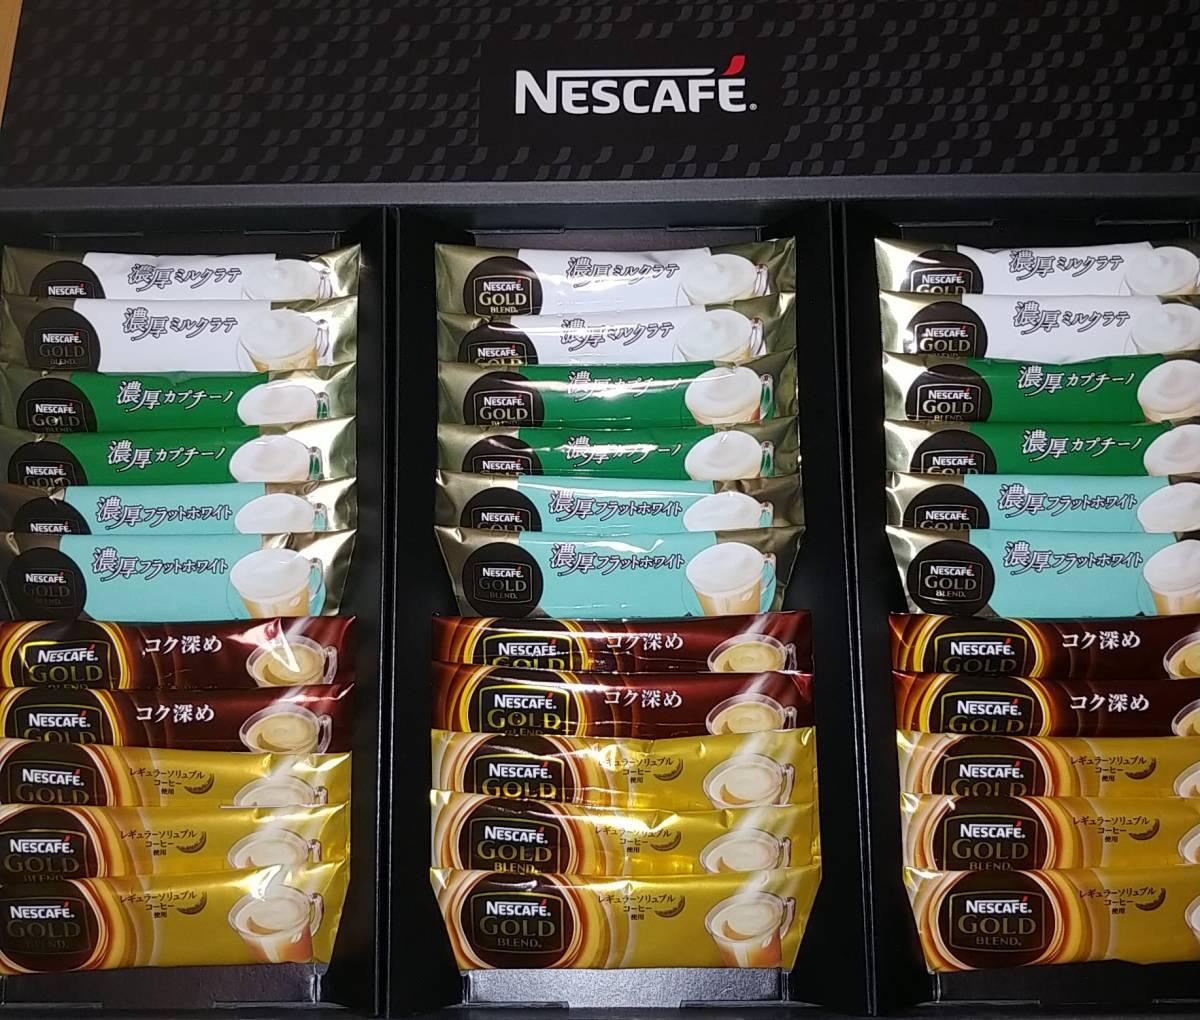 ネスカフェゴールドブレンドスティックコーヒー5種33本